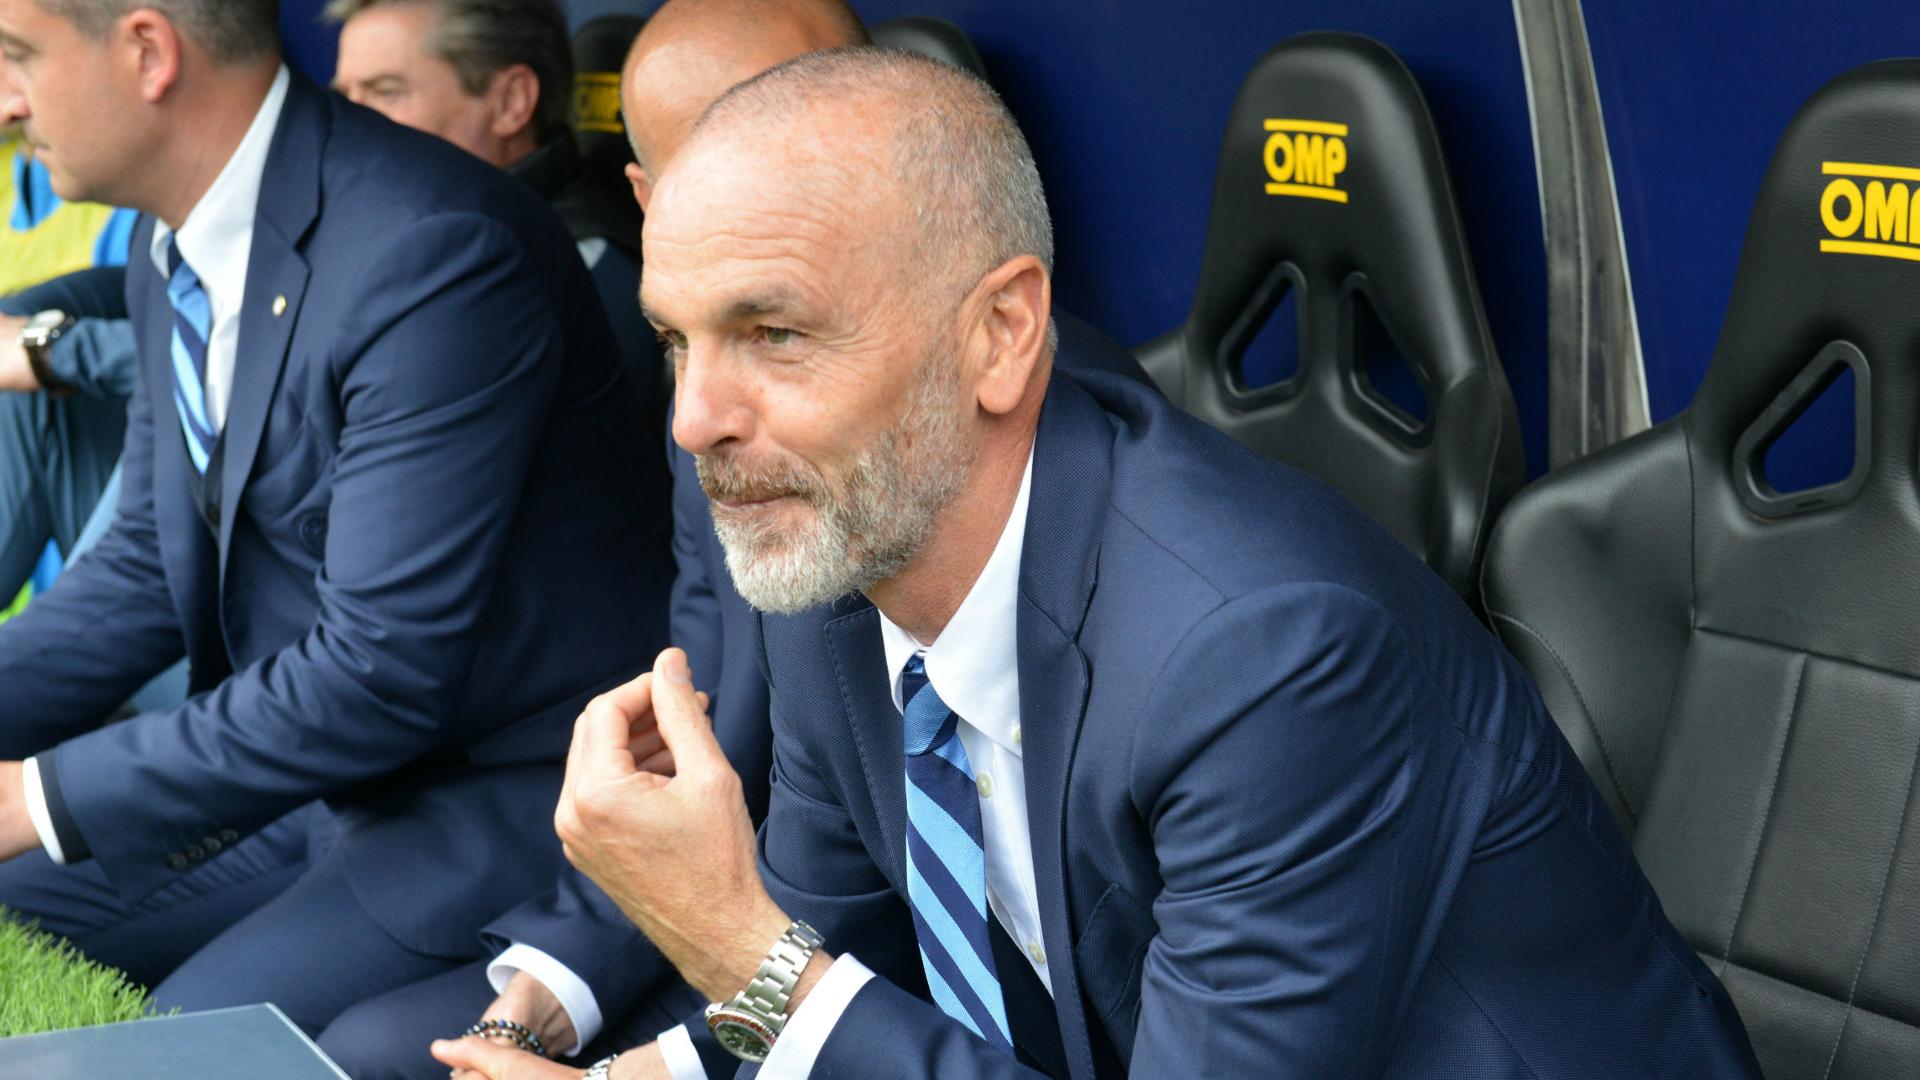 Fiorentina, attesa in settimana l'ufficialità di Pioli come nuovo tecnico